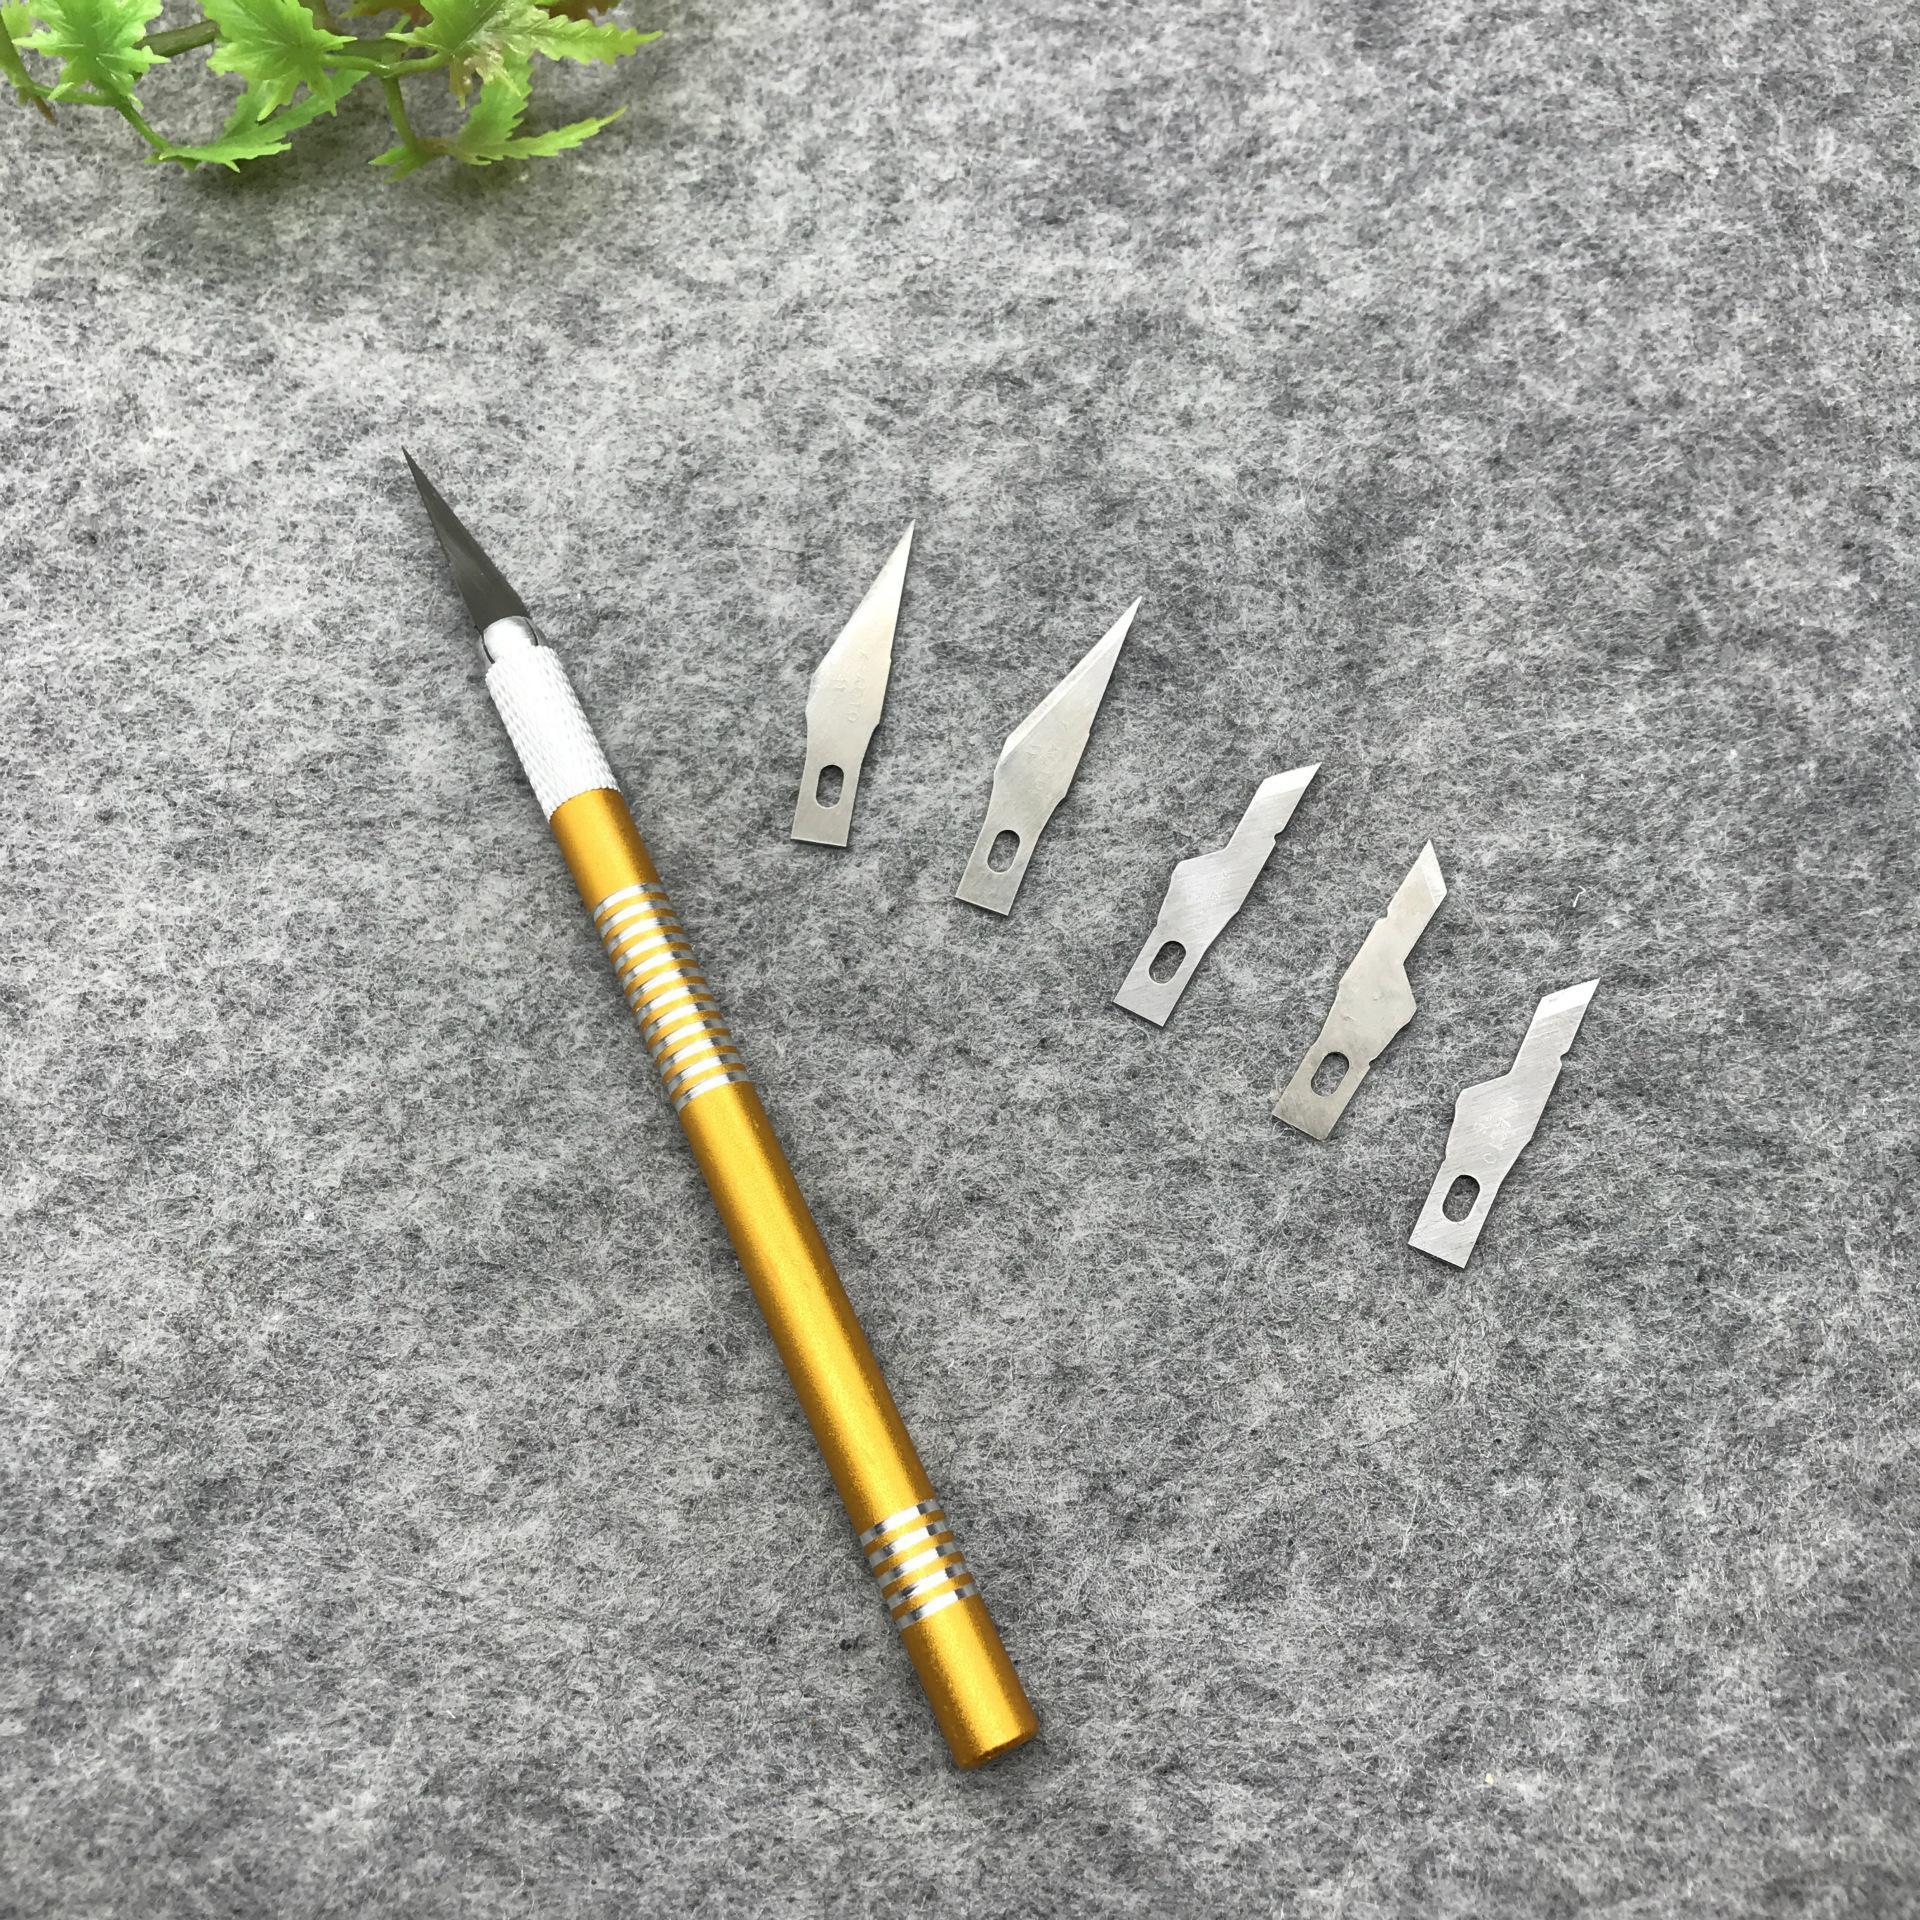 Dao điêu khắc Dao chế biến gỗ DIY hướng dẫn sử dụng nhỏ dao tiện ích điện thoại di động phim tháo rờ